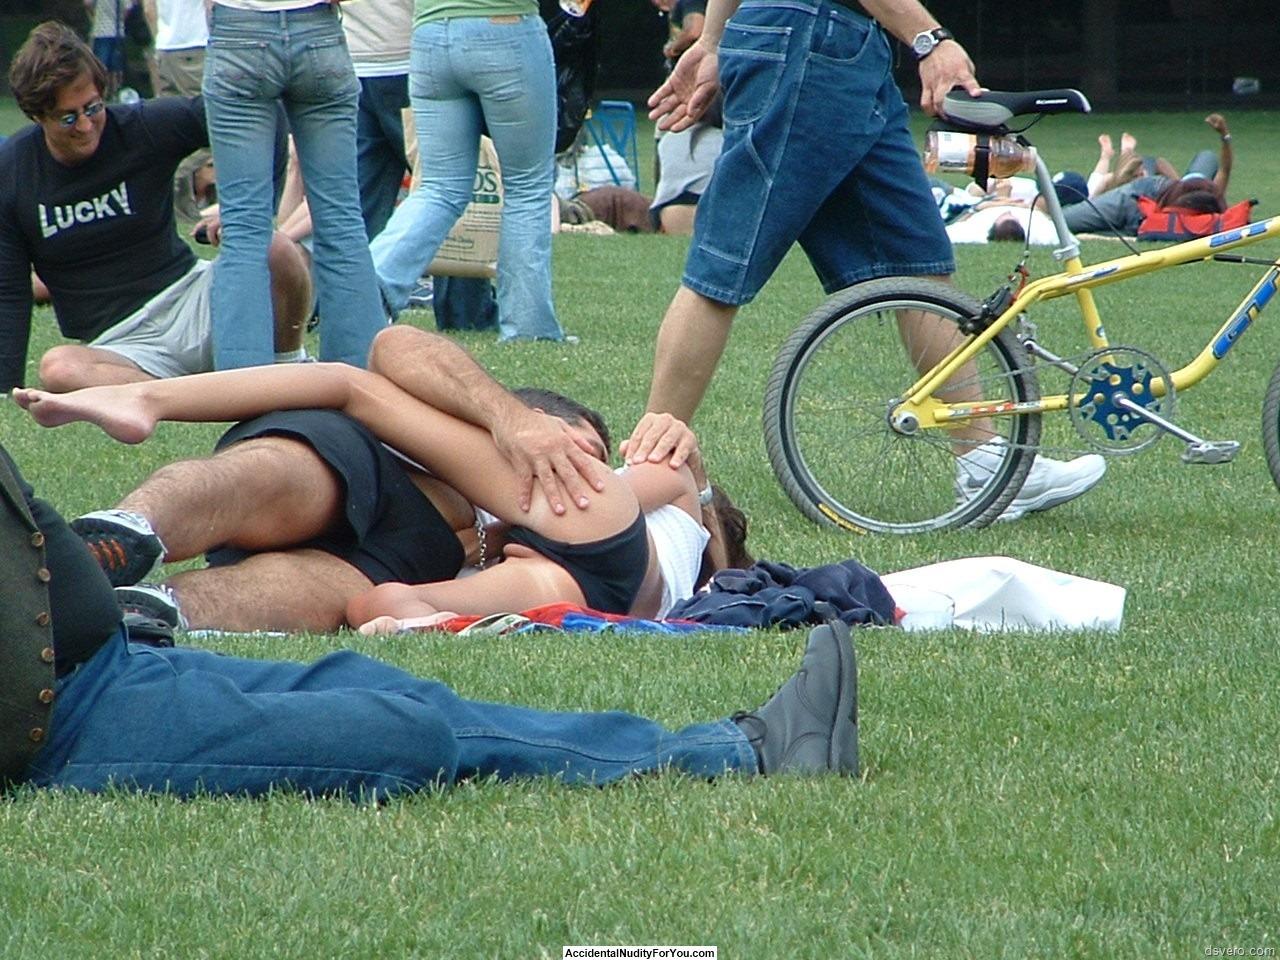 Сучайные эротические моменты в спорте 23 фотография